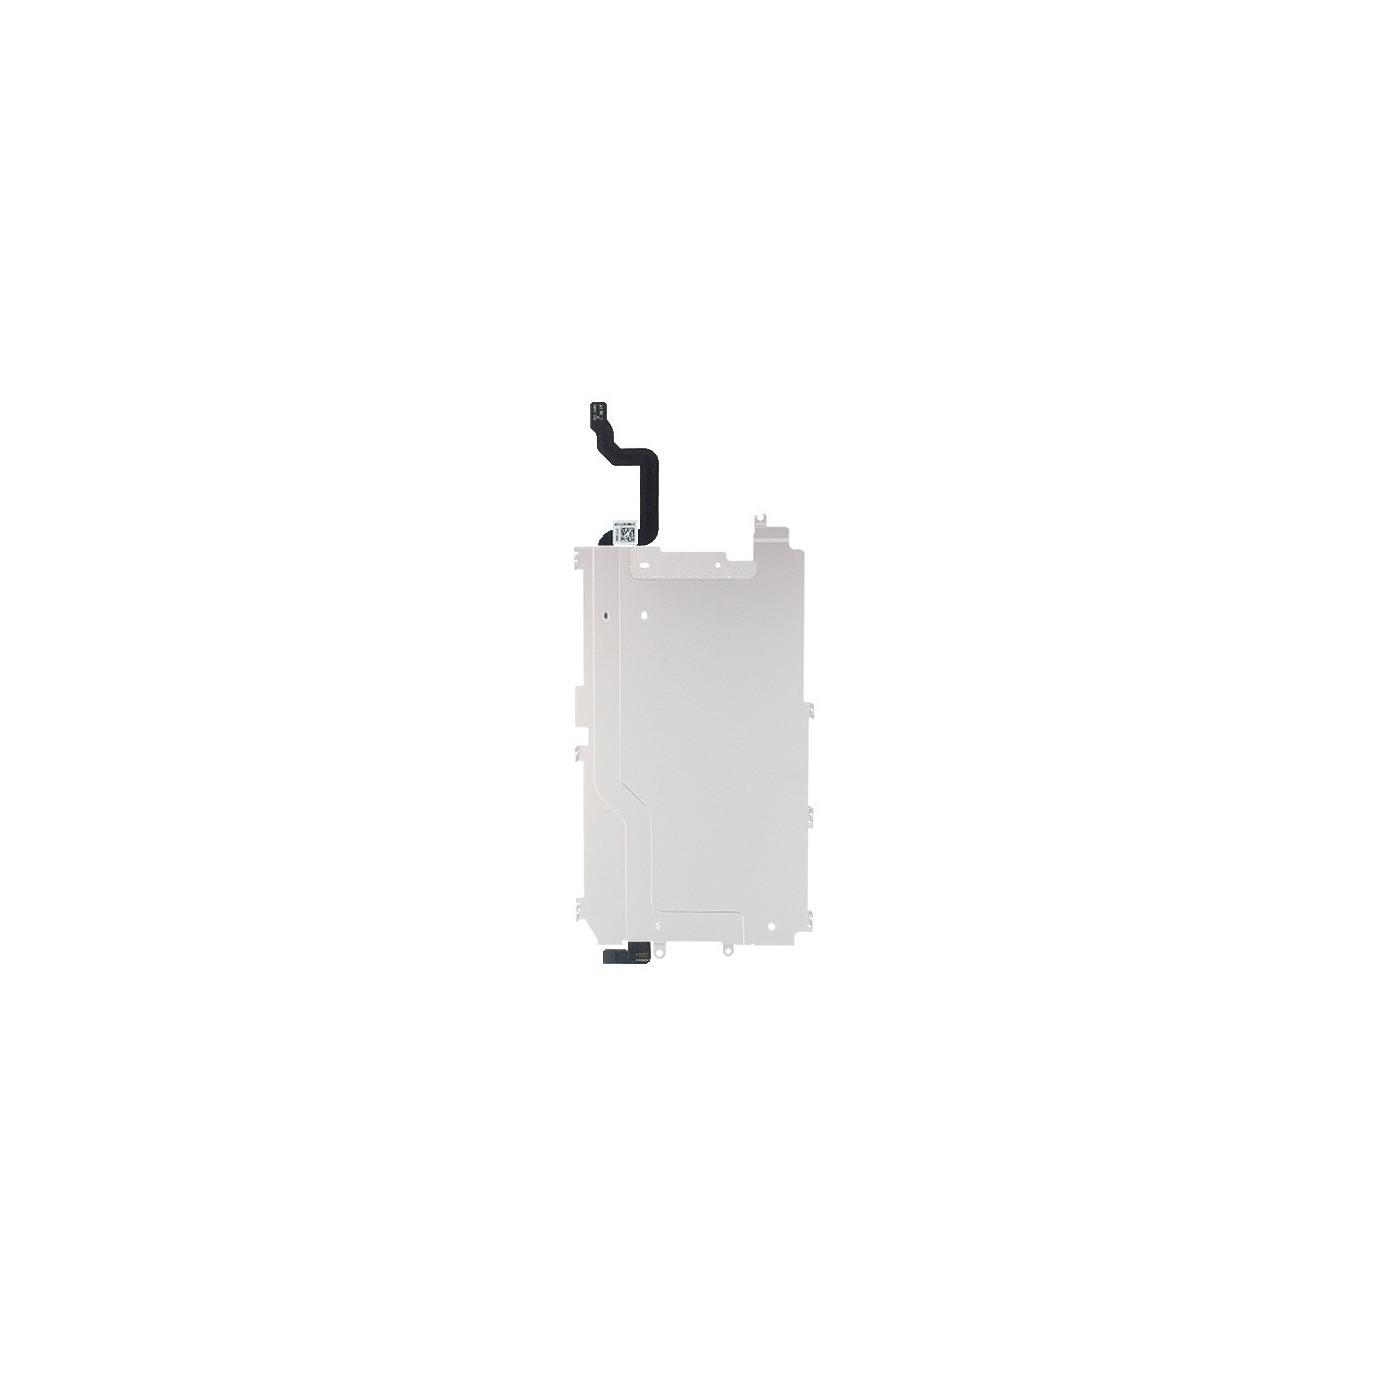 Cadre de support arrière en métal pour Iphone 6 avec câble de bouton d'accueil